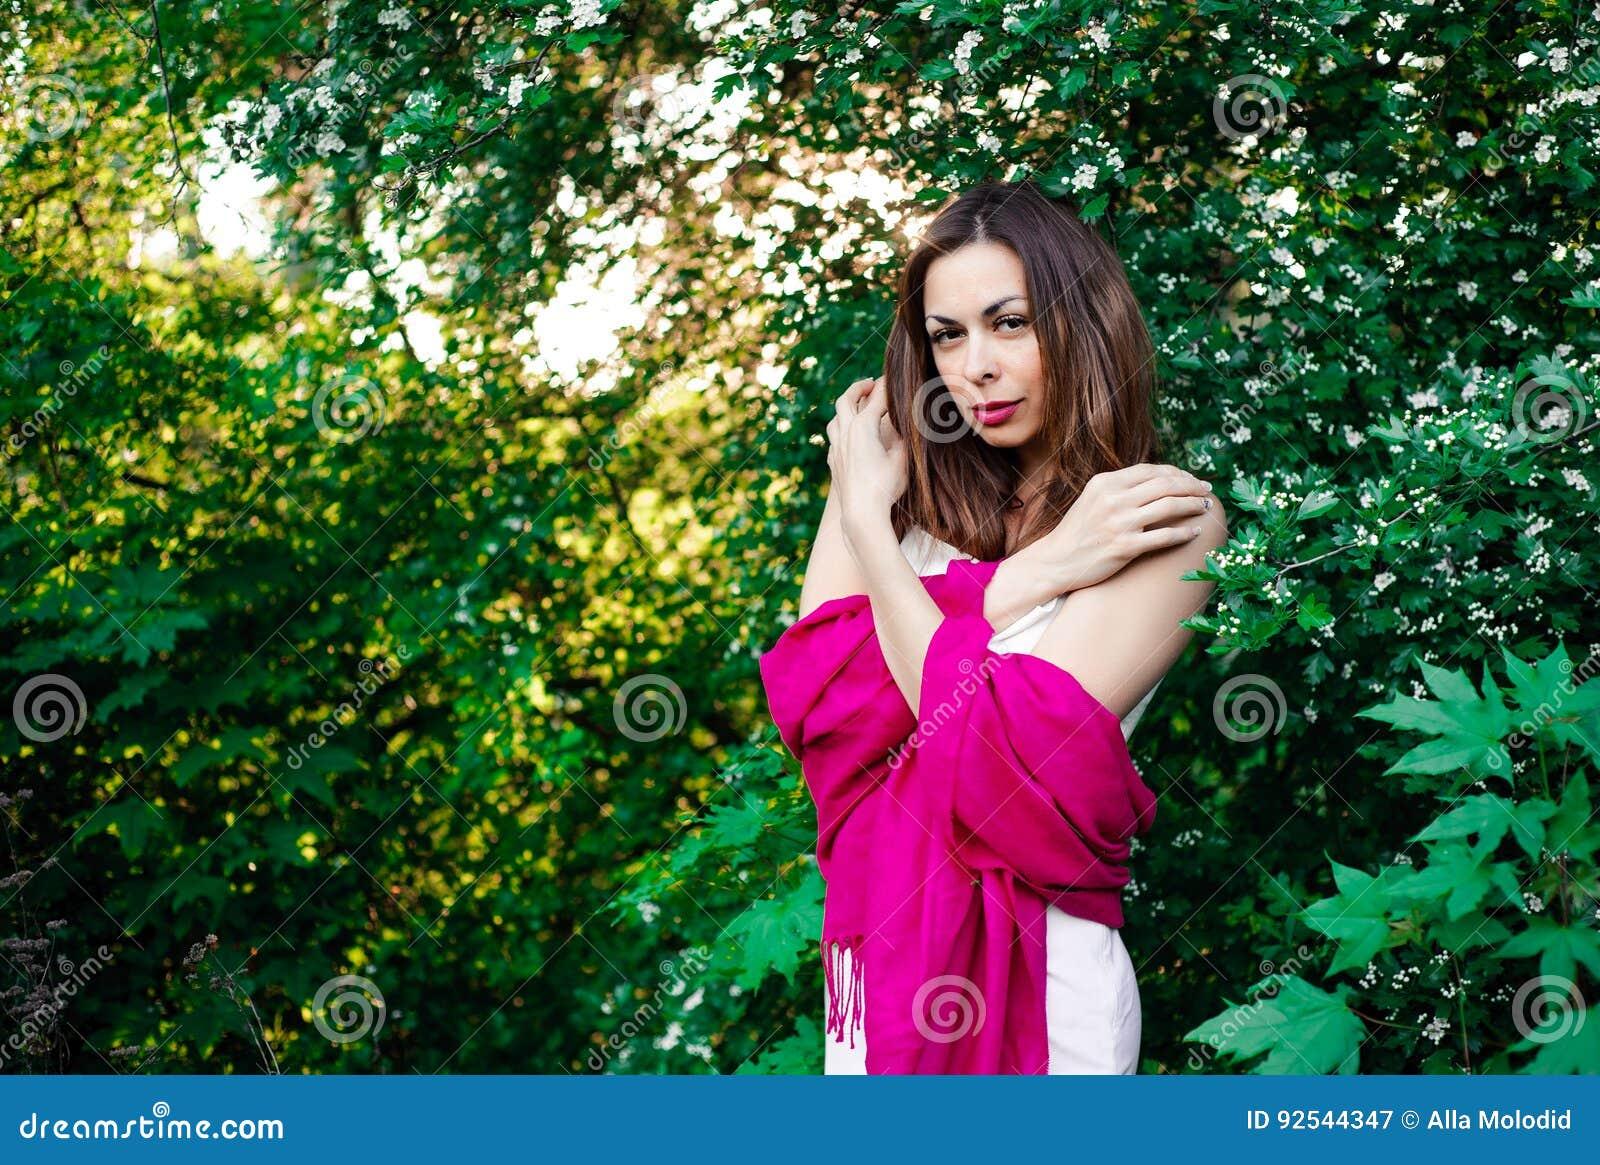 完全宁静和镇定的女孩在自然的一身美丽和庄重装束在春天在公园